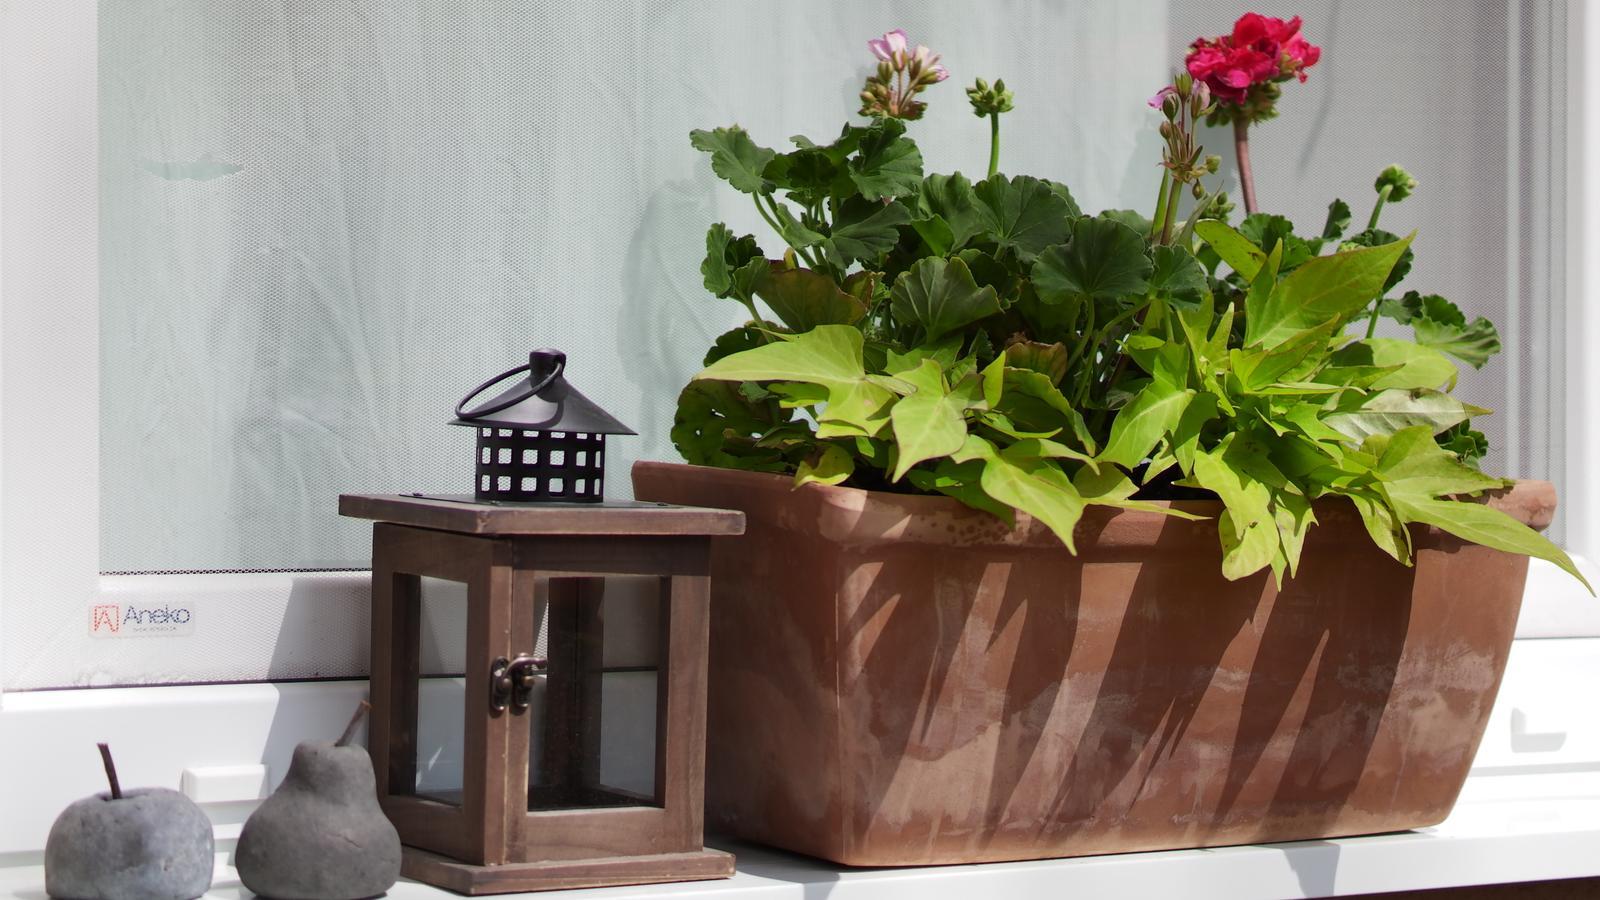 Náš domček ♡ Bramasole ♡ ... Stilo interiér aj exteriér 3. rok bývania - Obrázok č. 83